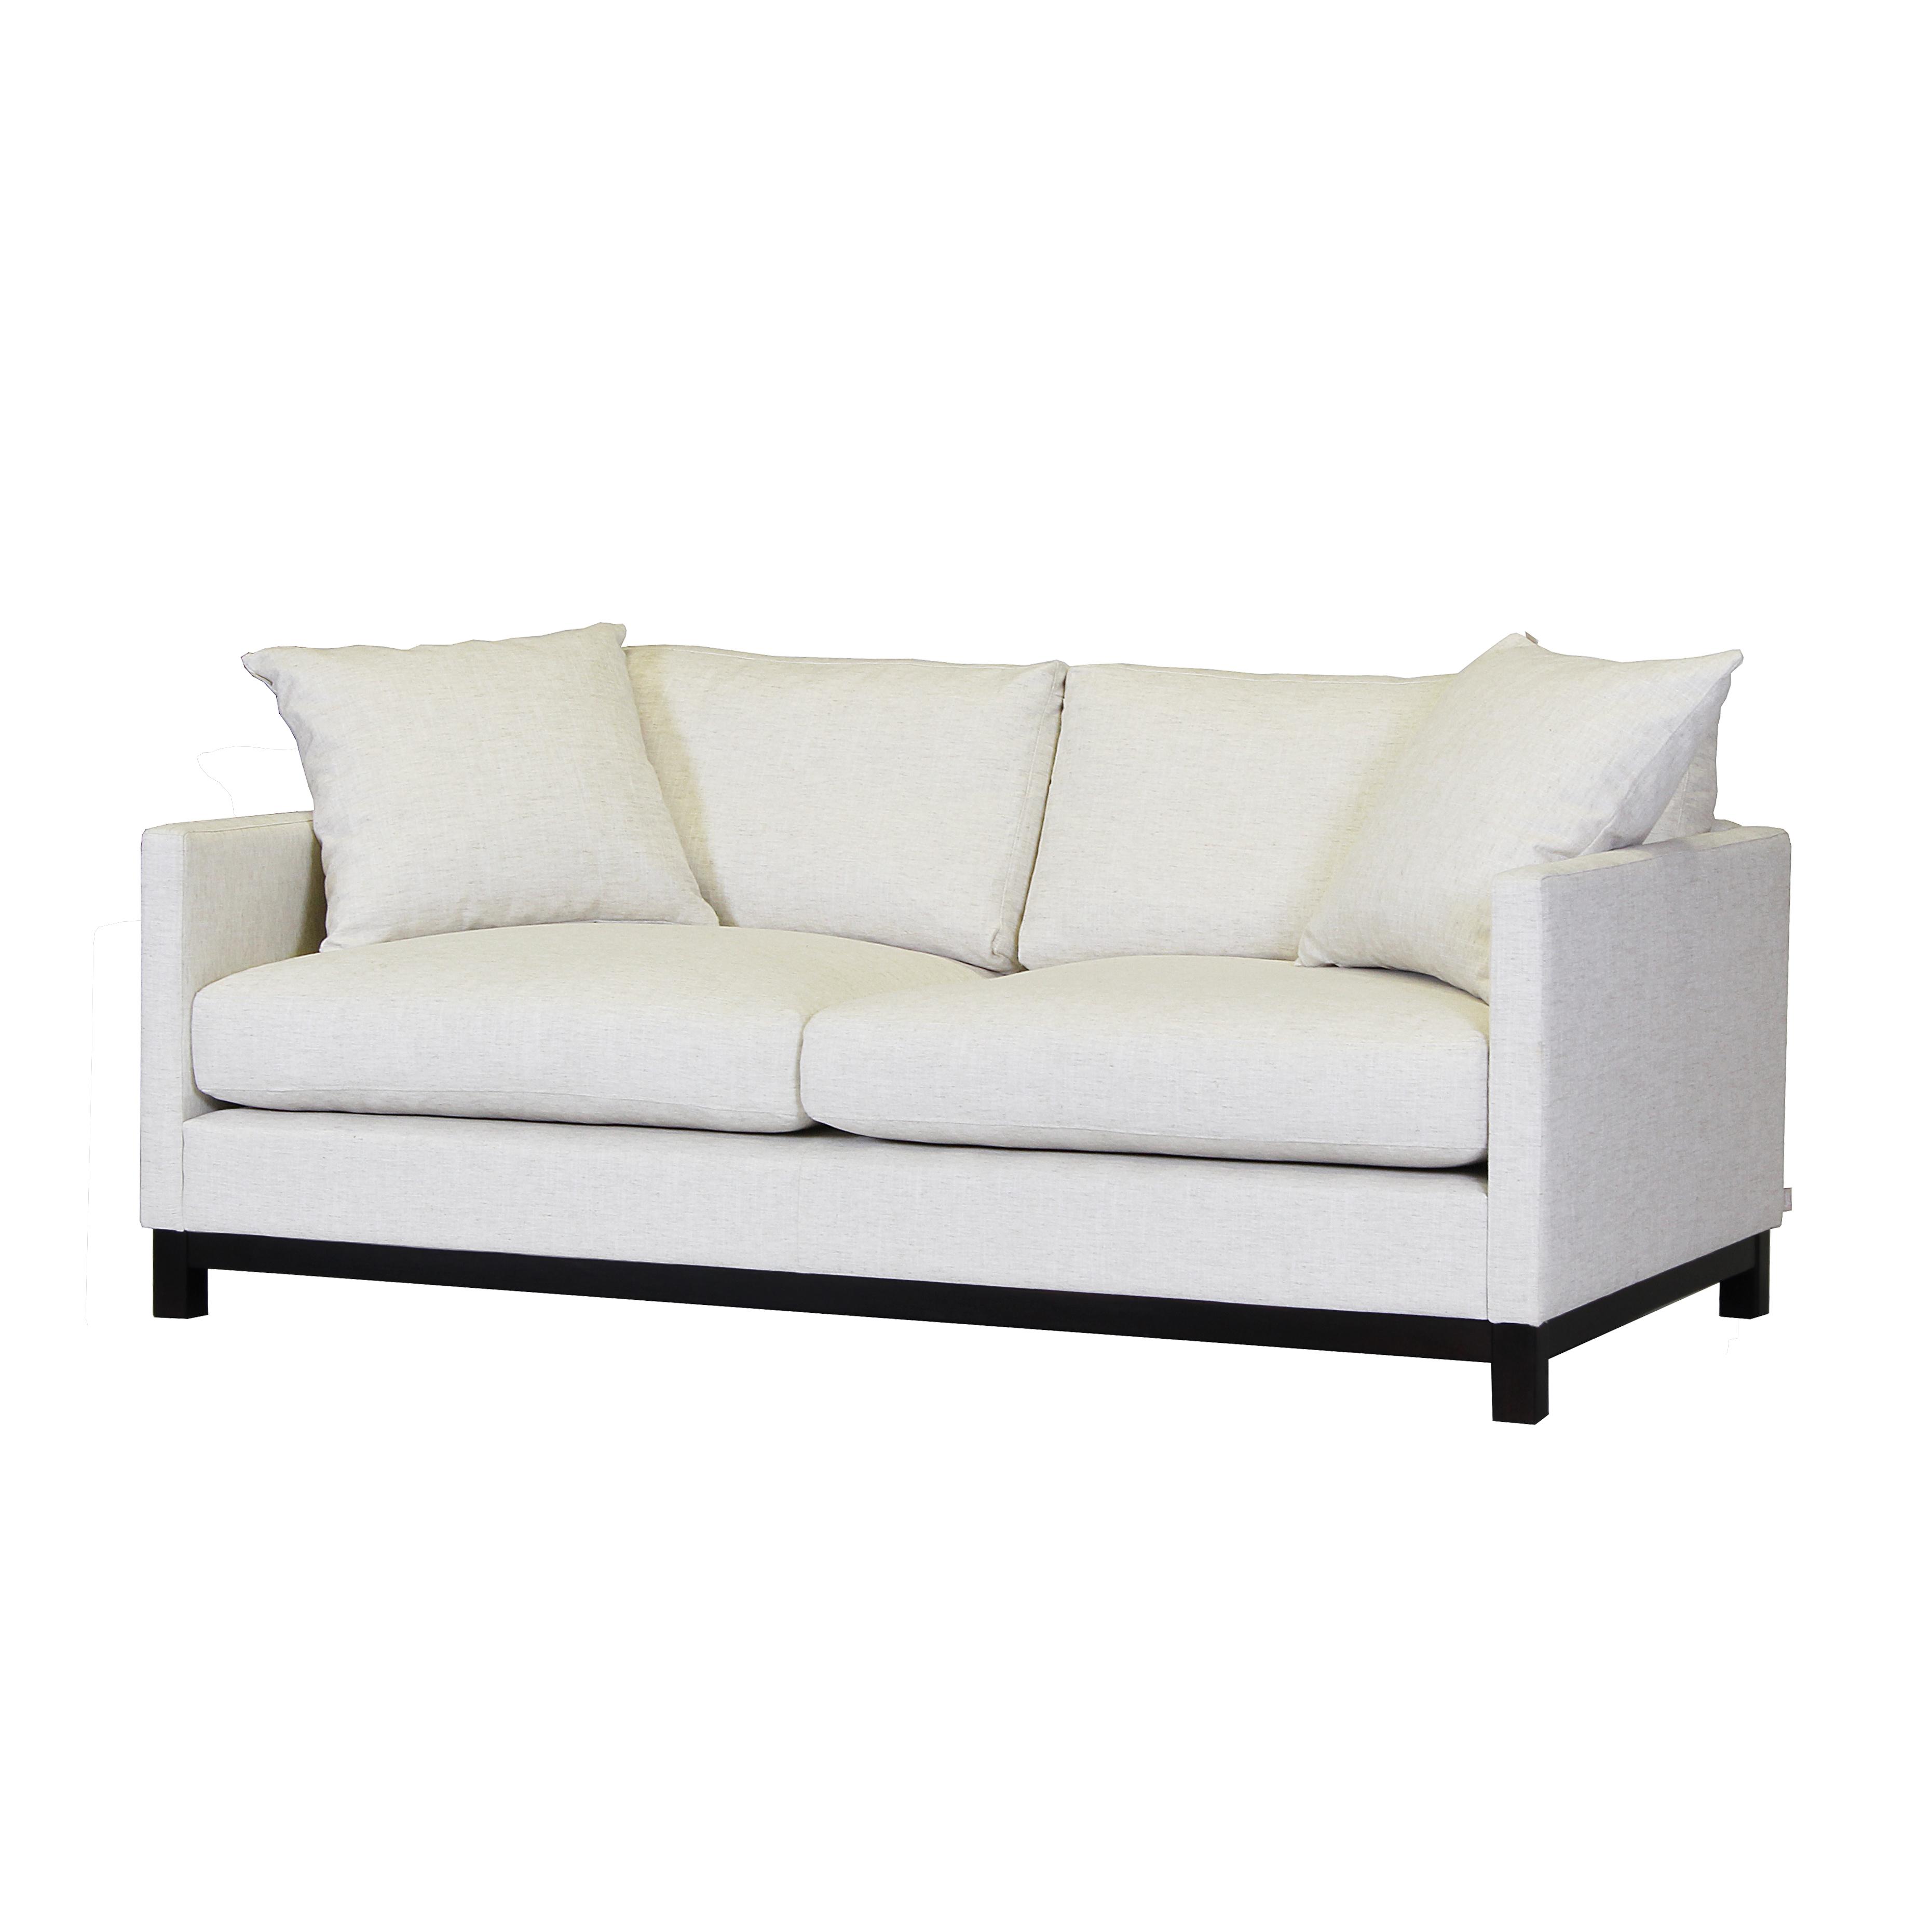 Somerville soffa 3-sits snett framifrån - englesson.se